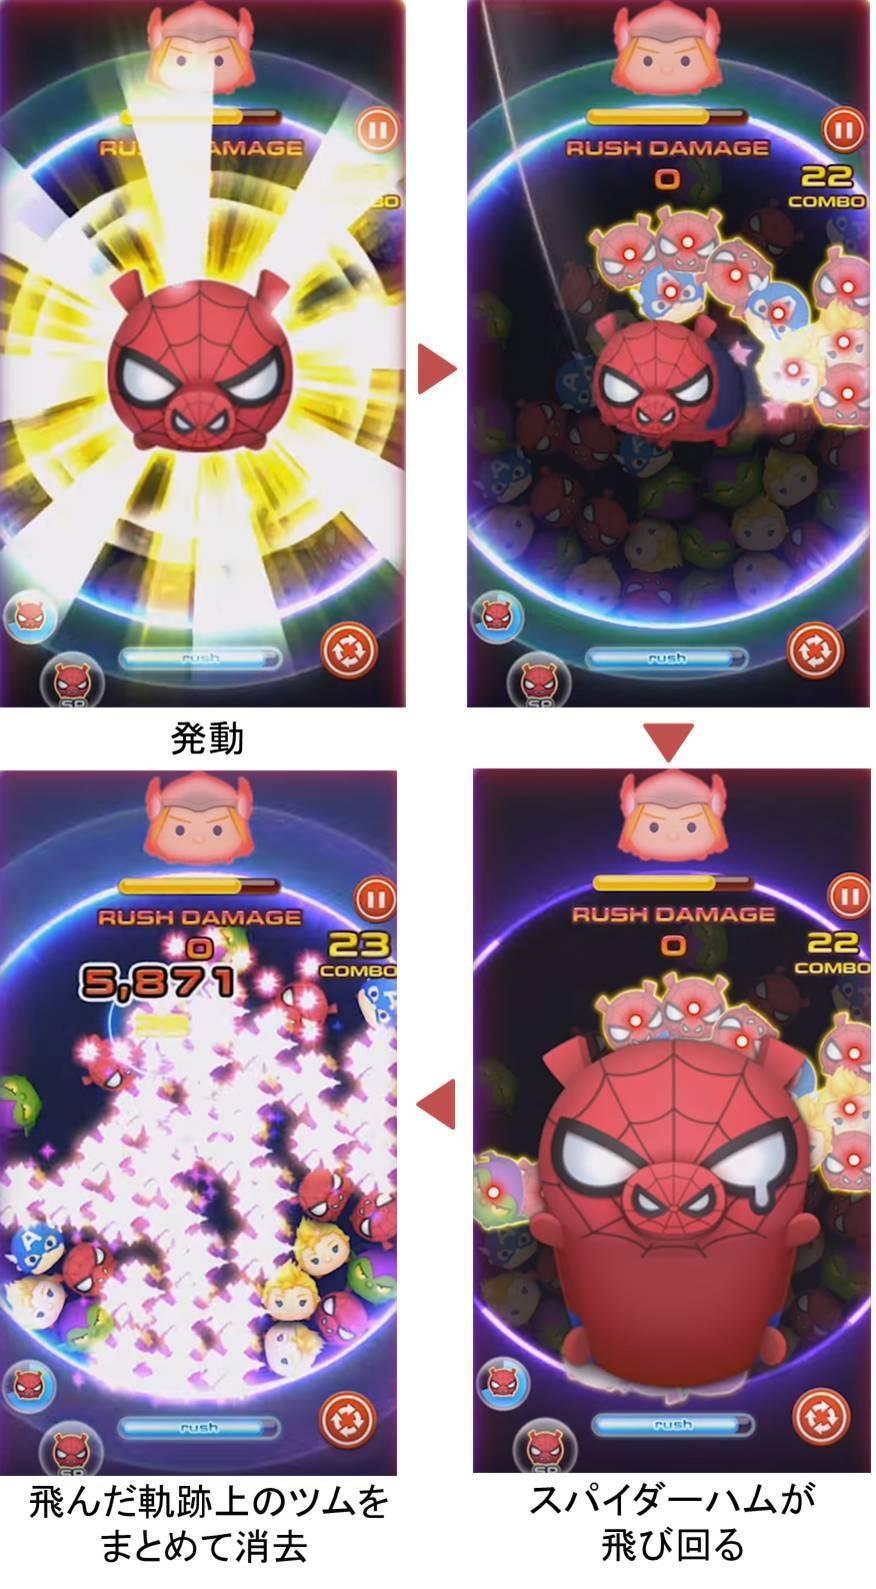 マーベルツムツム ランキング スパイダーハム スペシャル ハムスラム.jpg